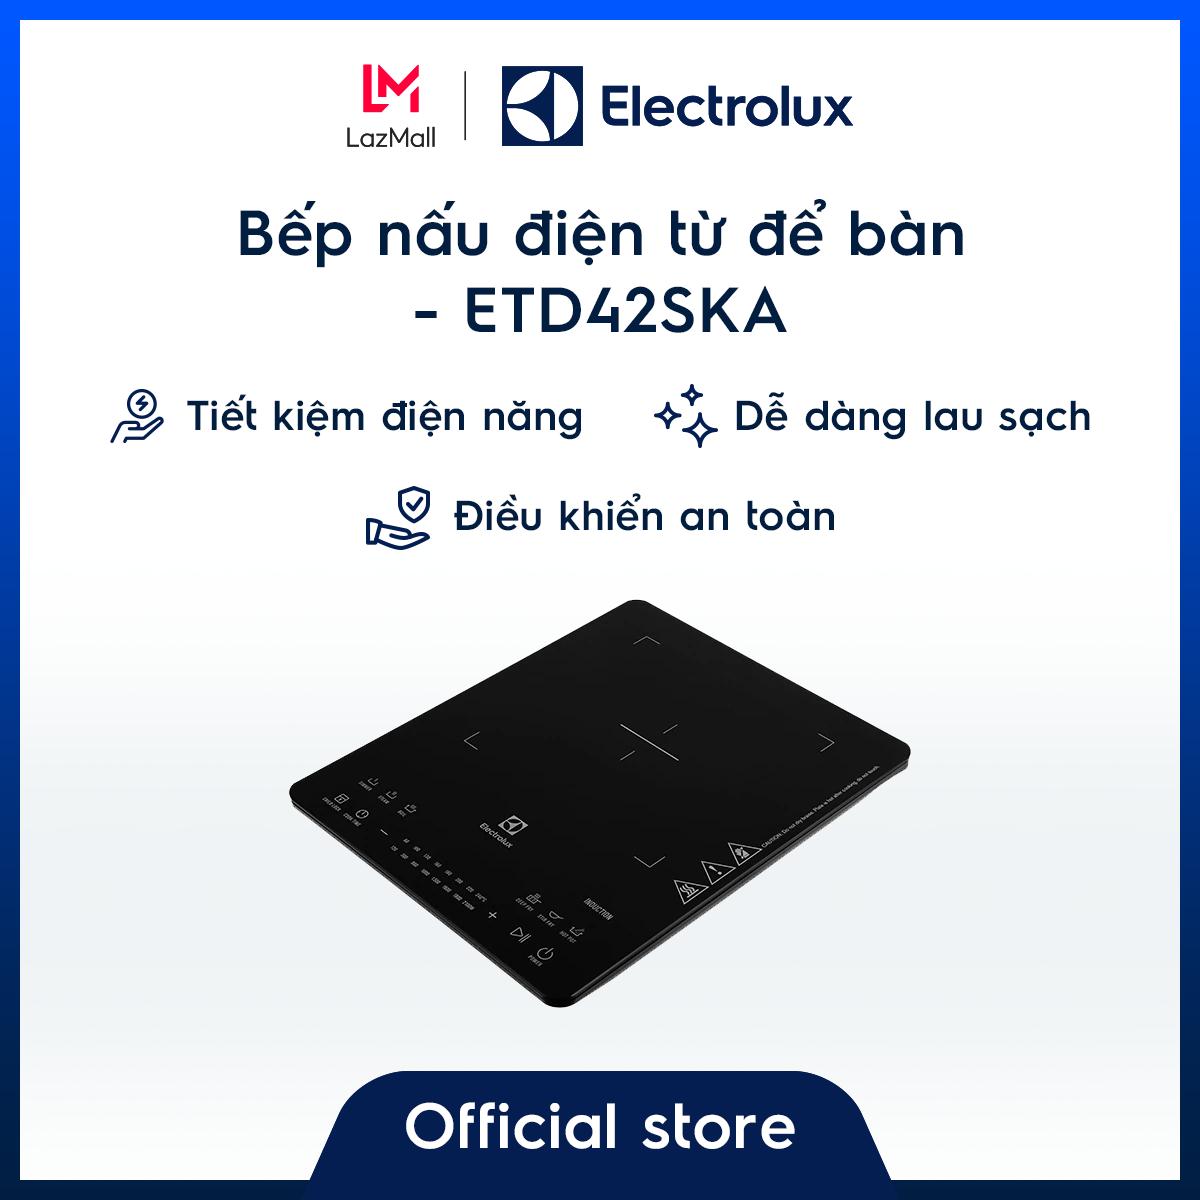 [Miễn phí giao hàng HCM & HN] Bếp từ đơn để bàn Electrolux ETD42SKA – Nhỏ gọn – Hàng chính hãng